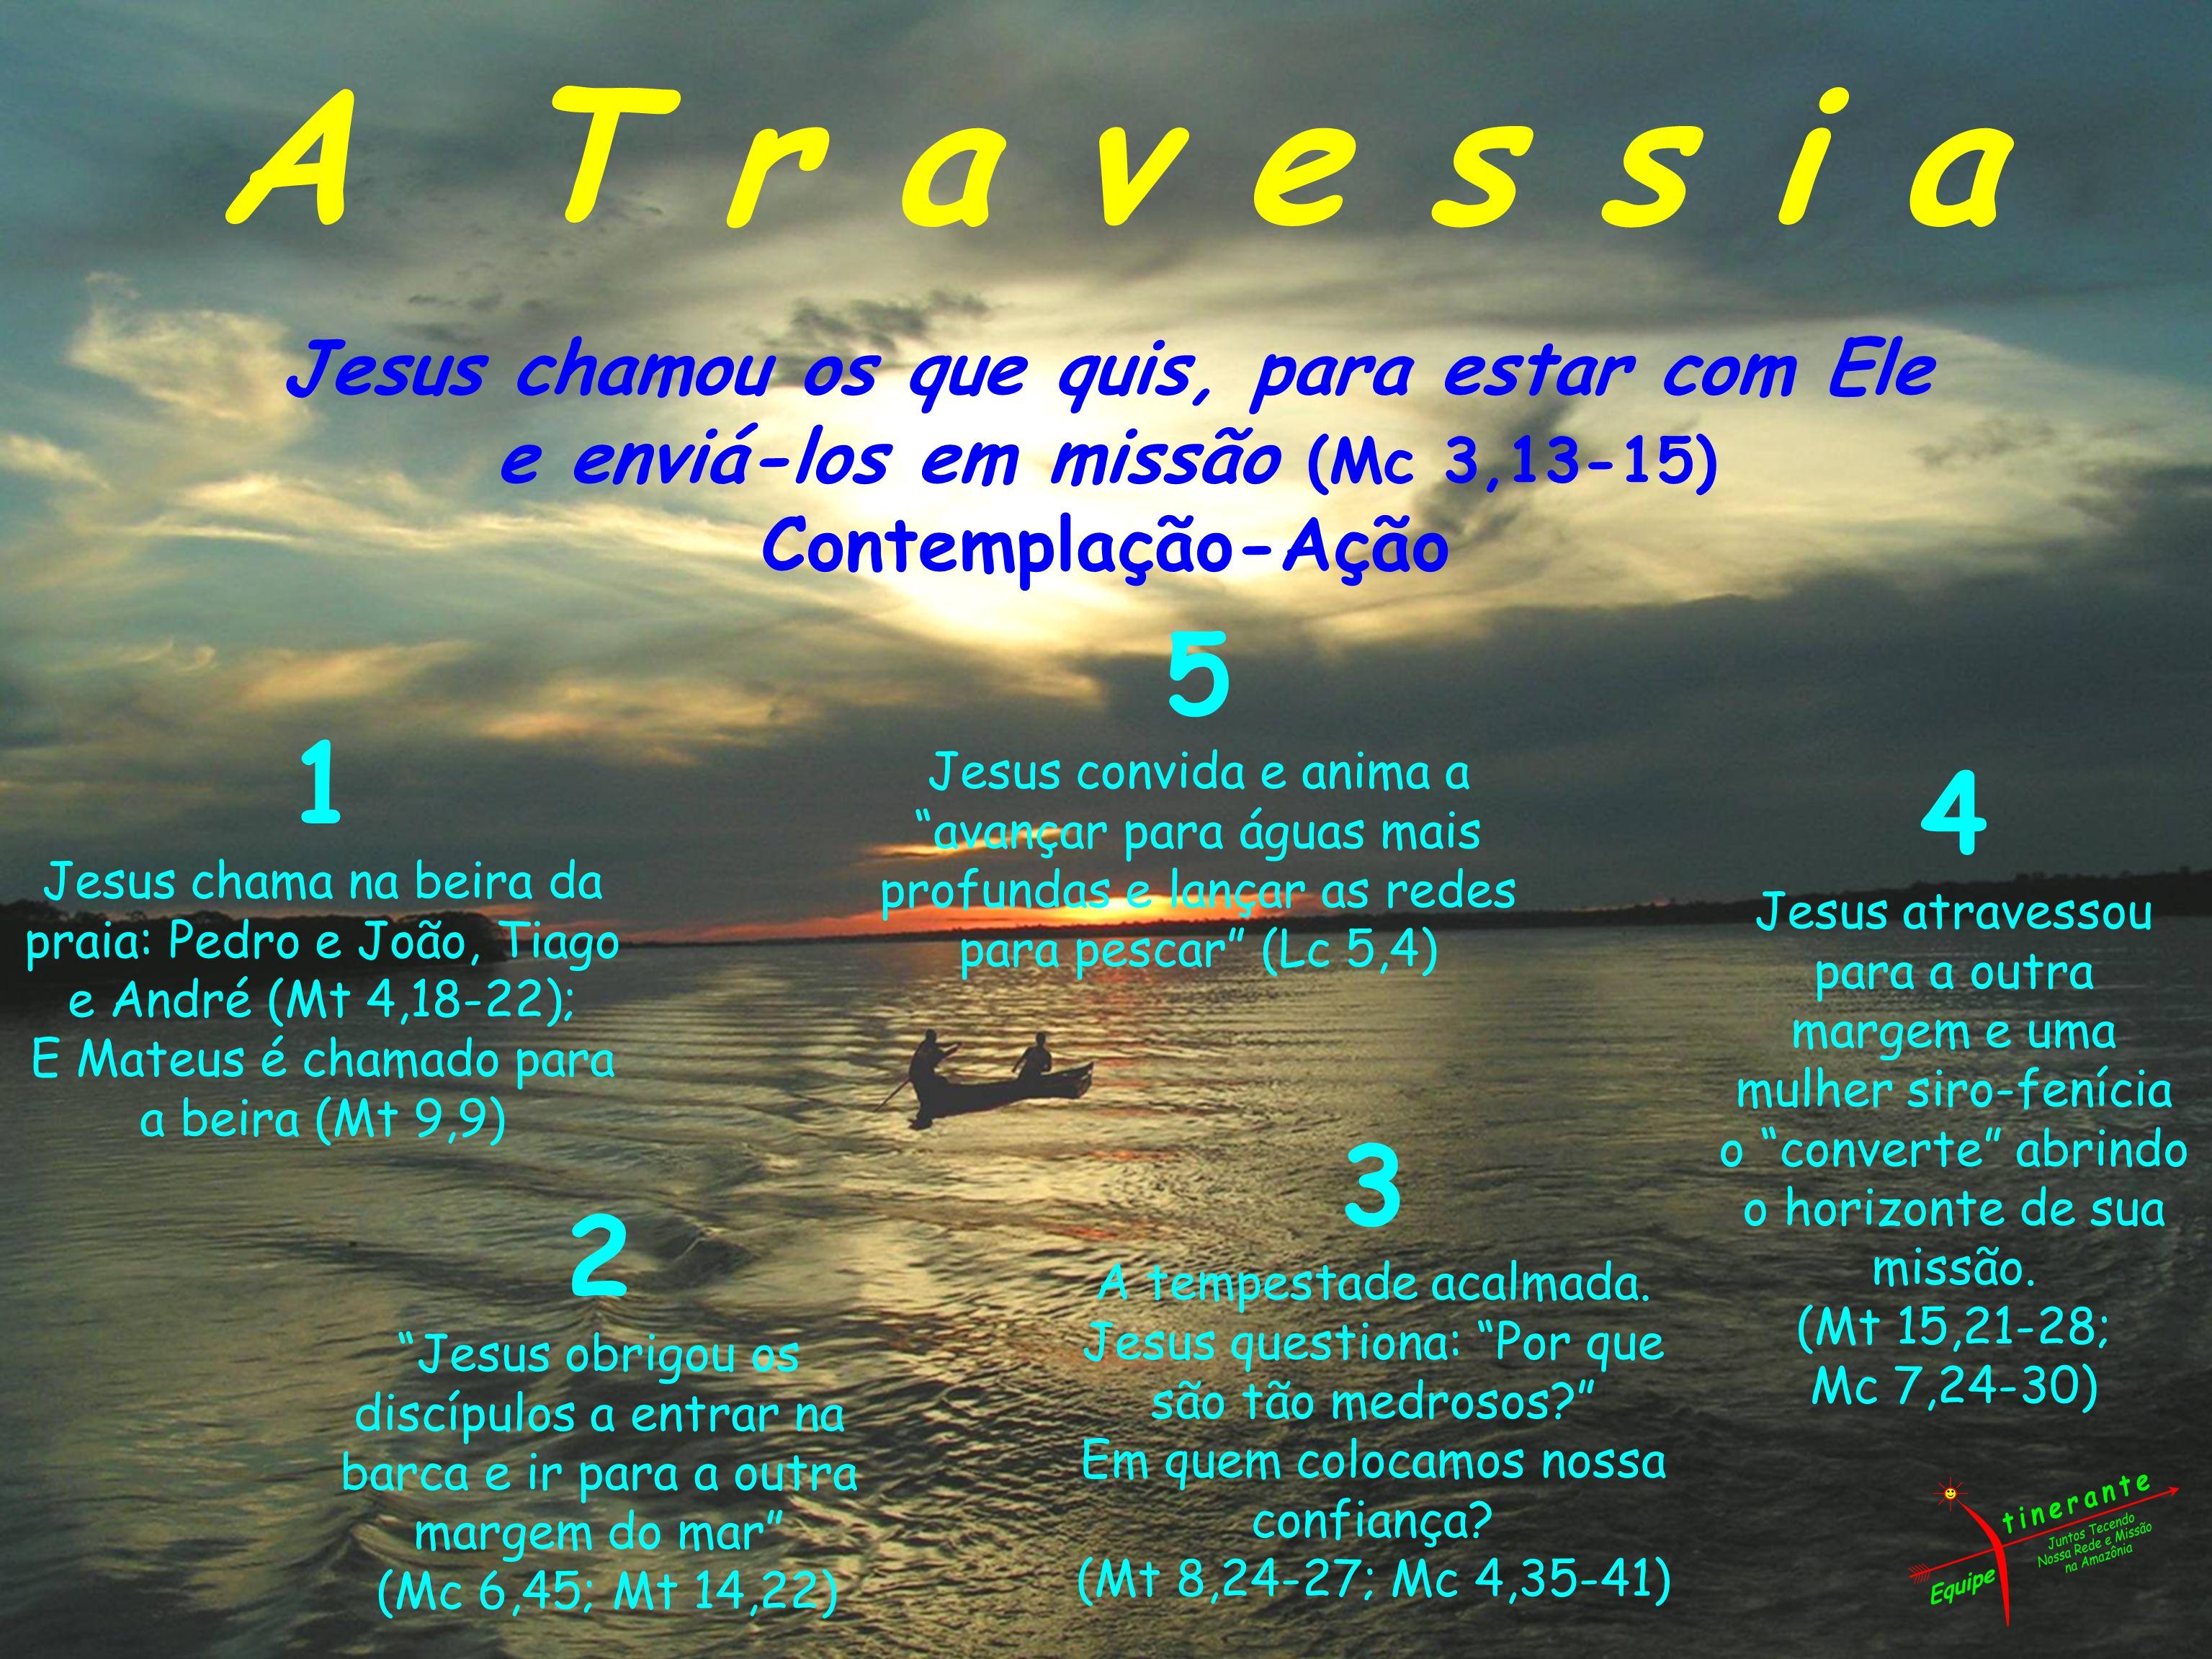 A T r a v e s s i a Jesus chamou os que quis, para estar com Ele. e enviá-los em missão (Mc 3,13-15)